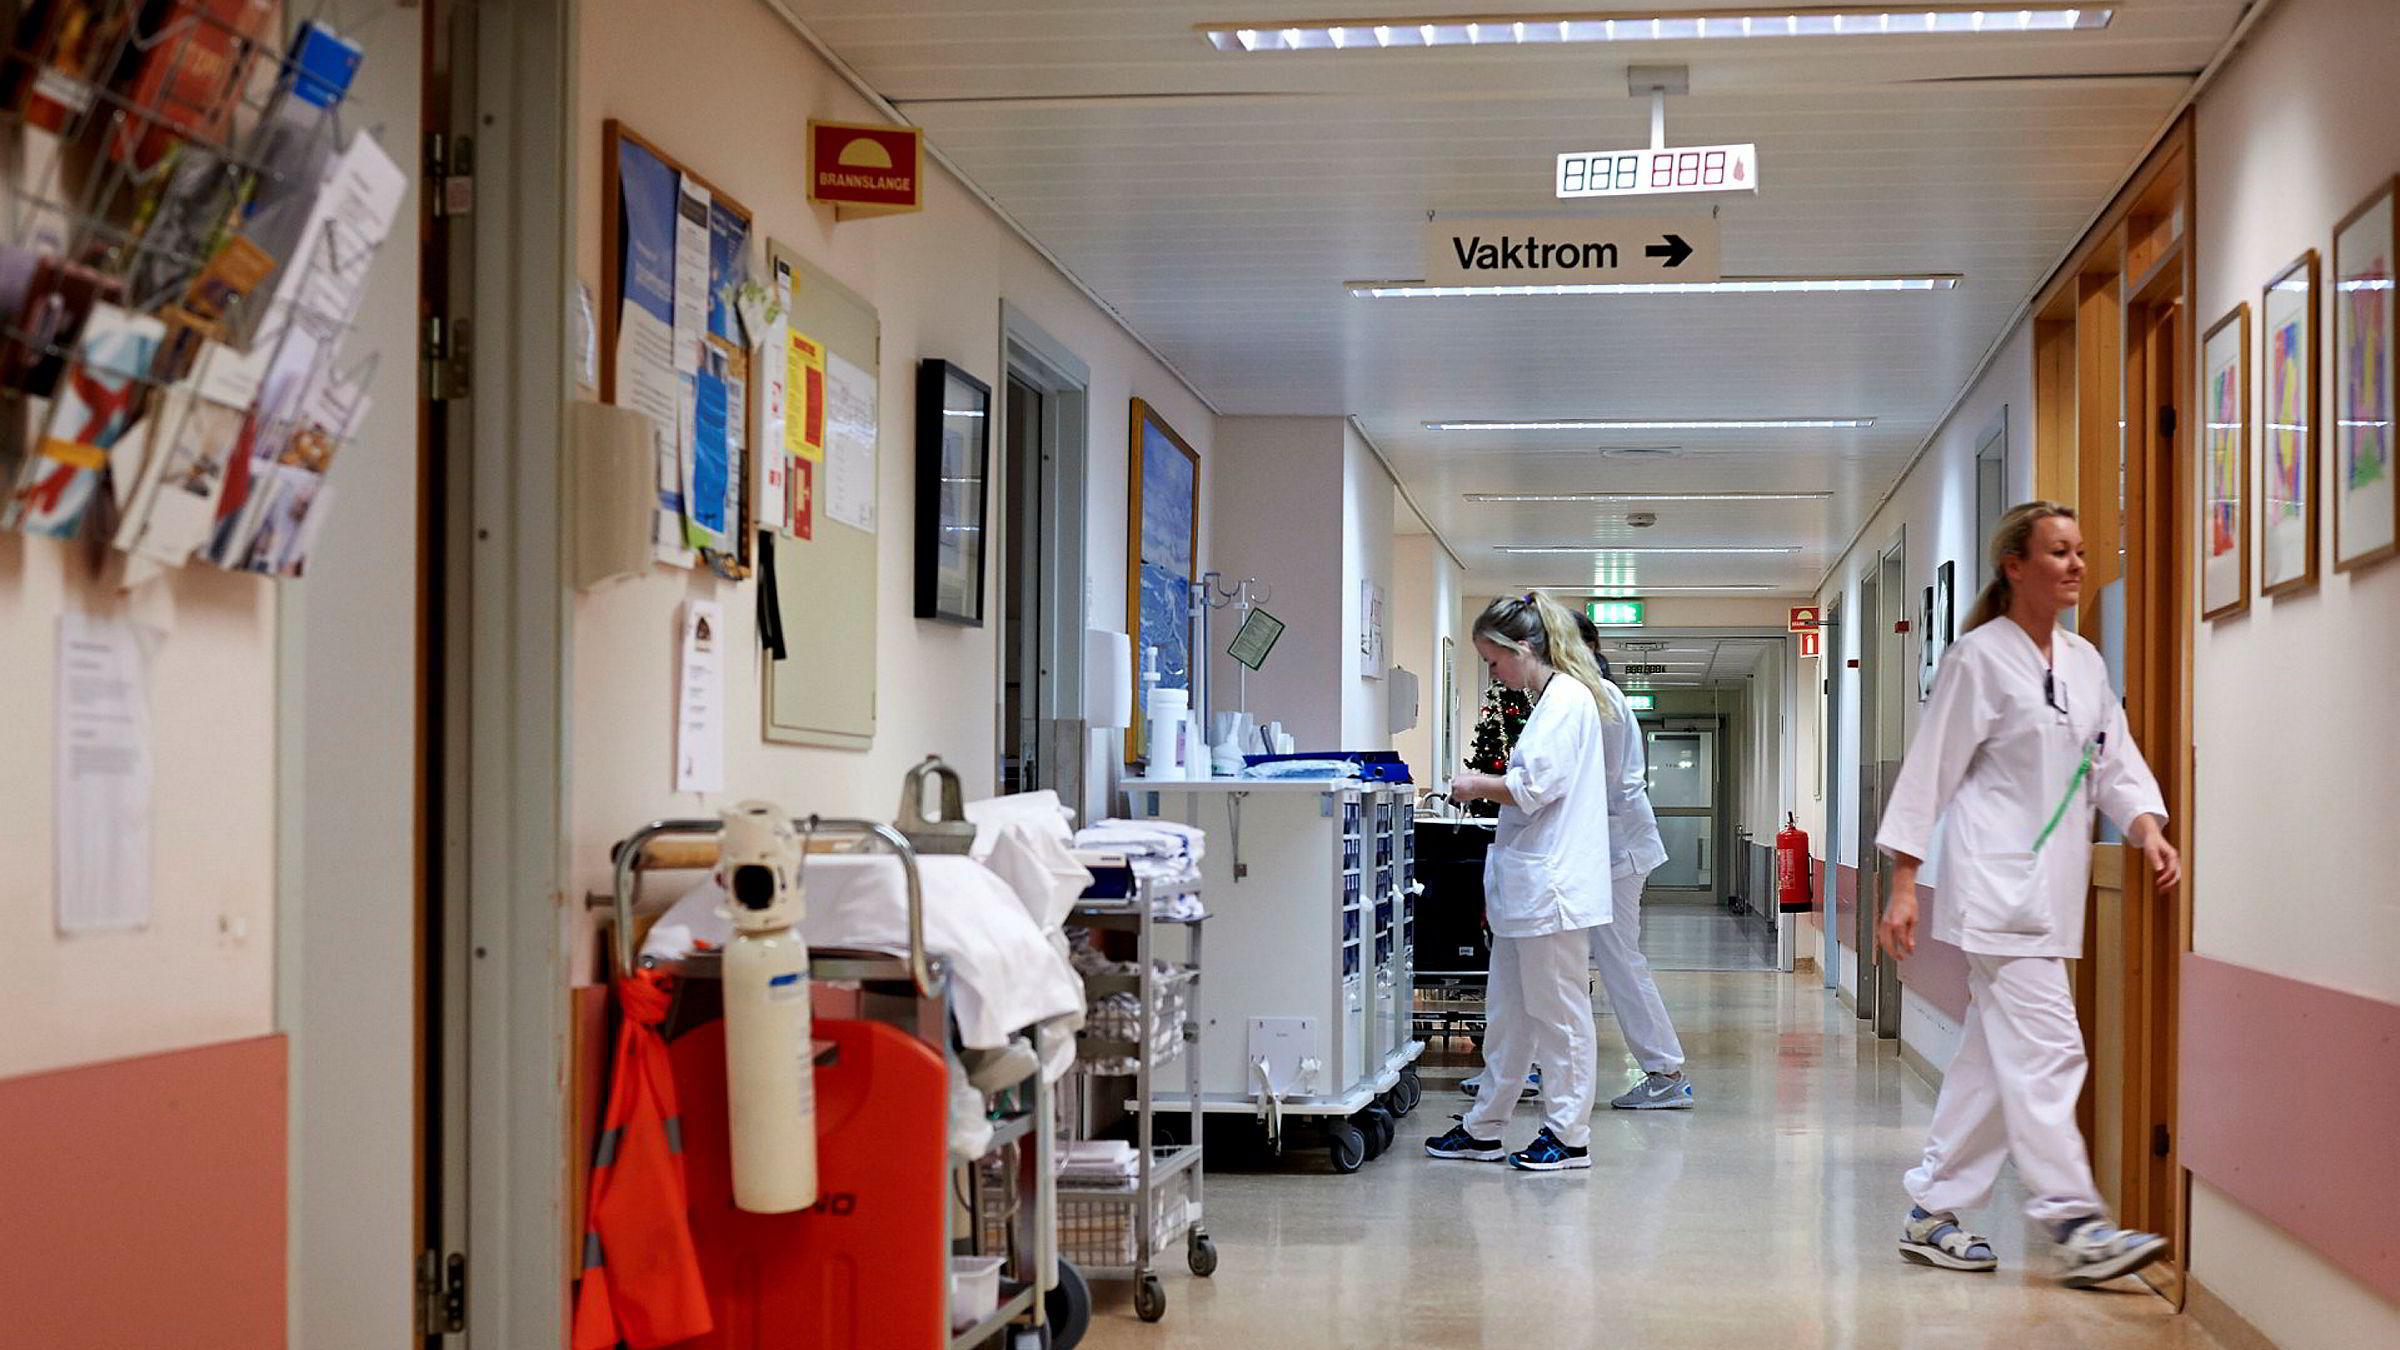 Innstramninger i sykelønnsordningen vil først monne når det treffer dem med høyest sykefravær. Det vil si kvinner i krevende yrker i førstelinjen i helse- og velferdstjenestene våre. Er det dem vi vil presse hardere? spør artikkelforfatteren. Her illustrert ved sykepleiere ved Stavanger Universitetssykehus/SUS